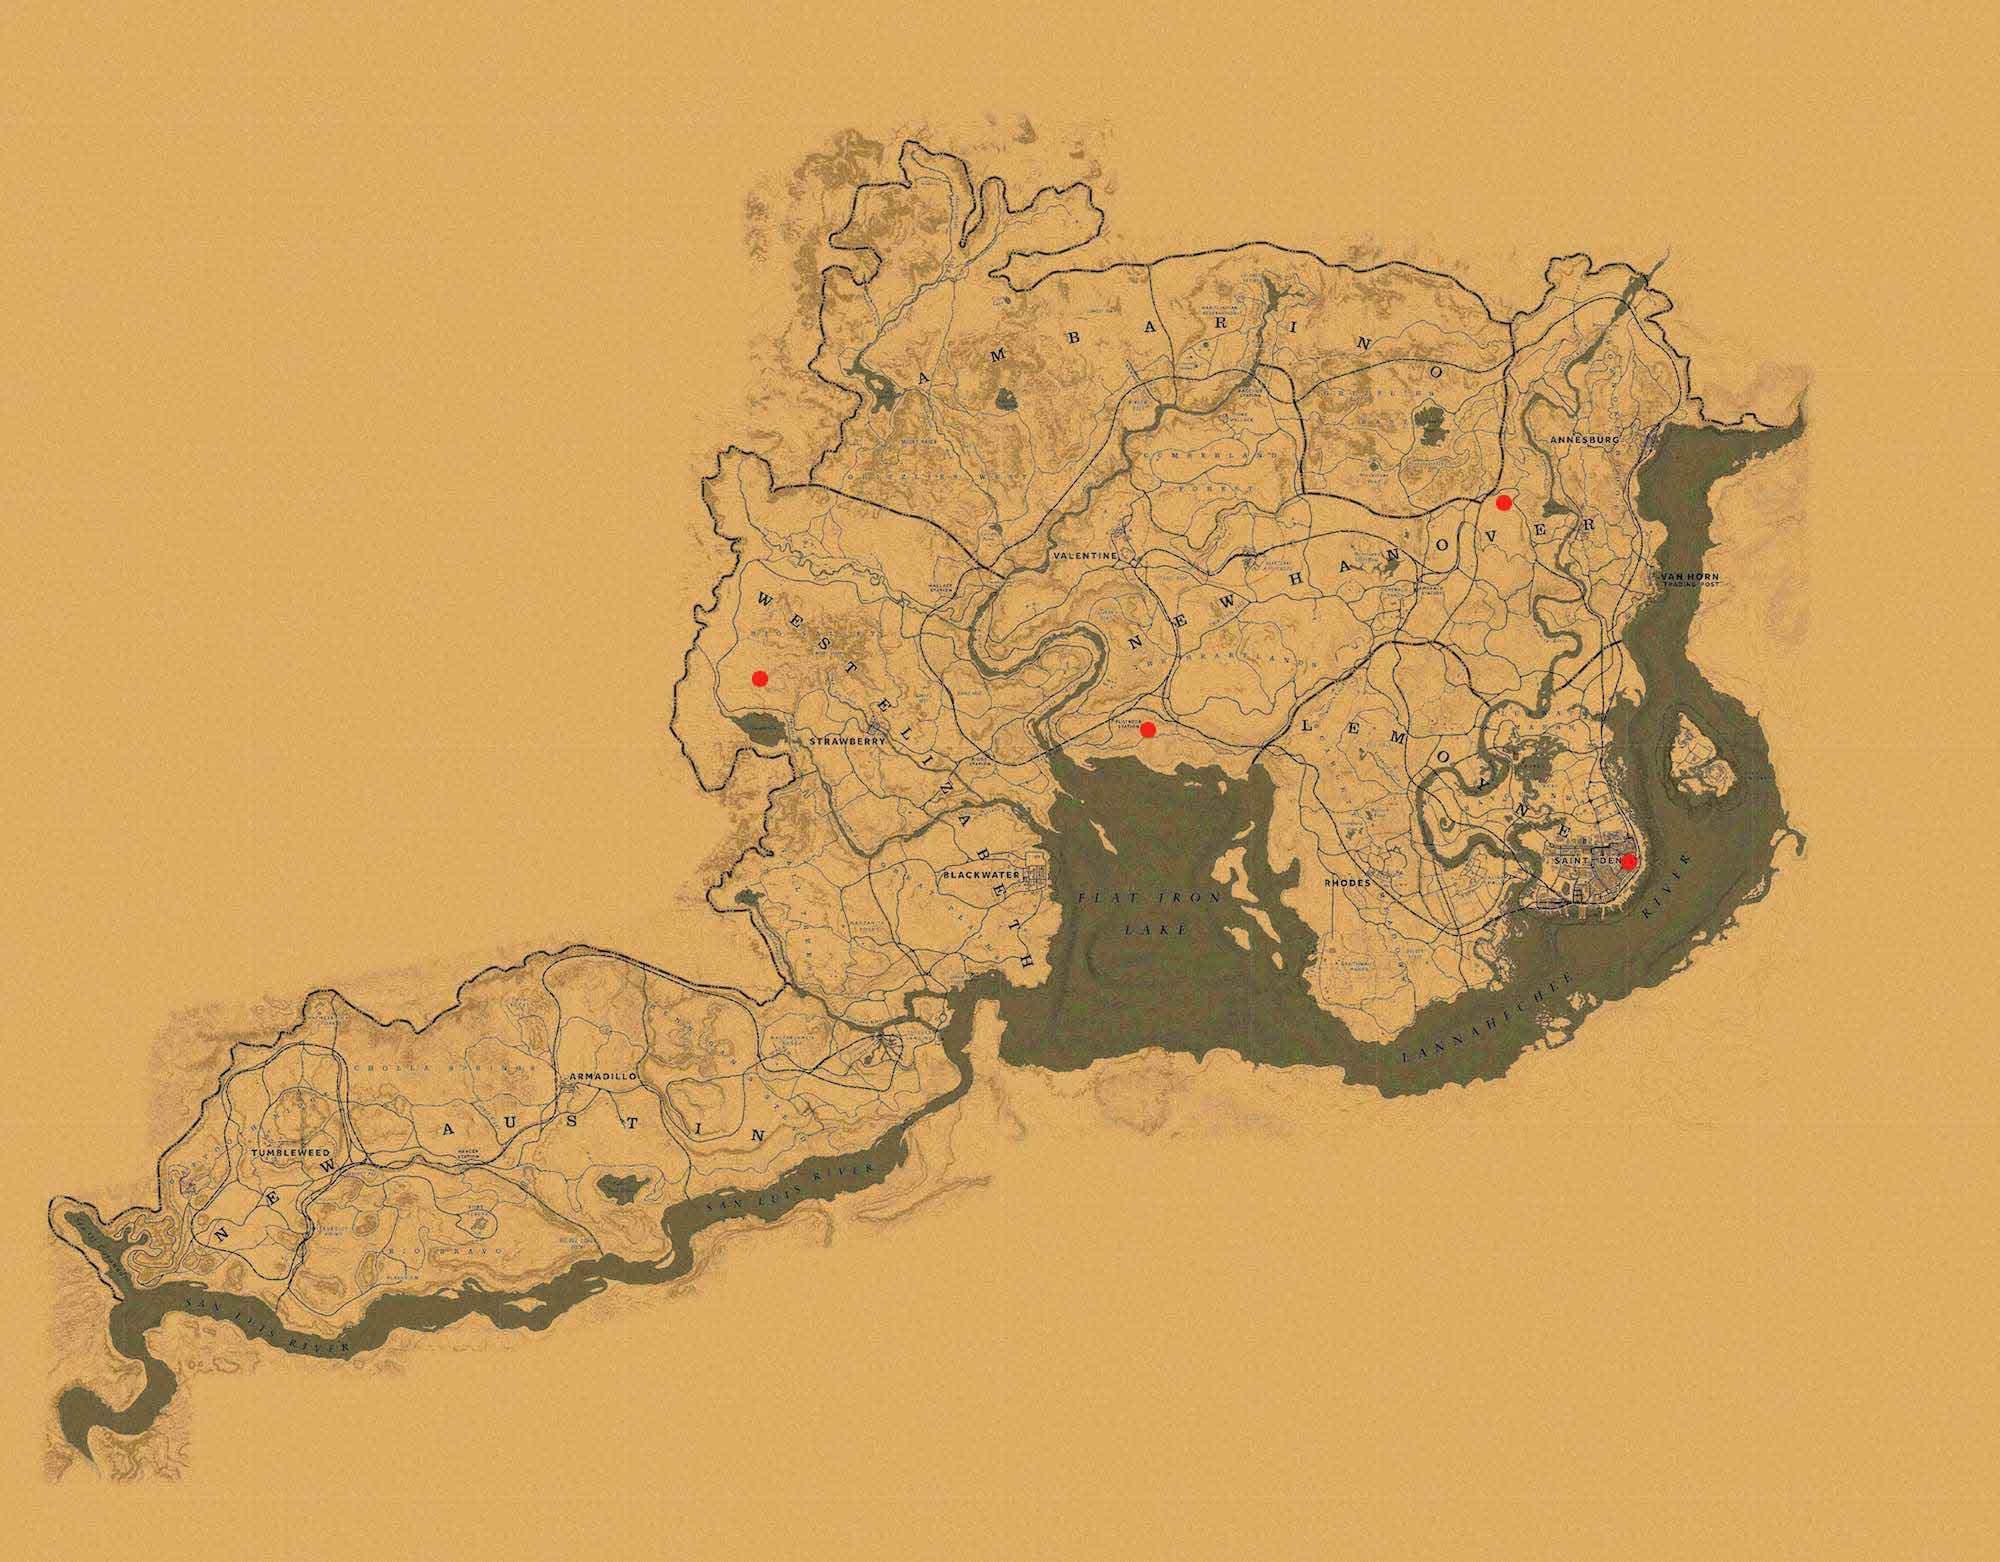 Trampero Red Dead Redemption mapa